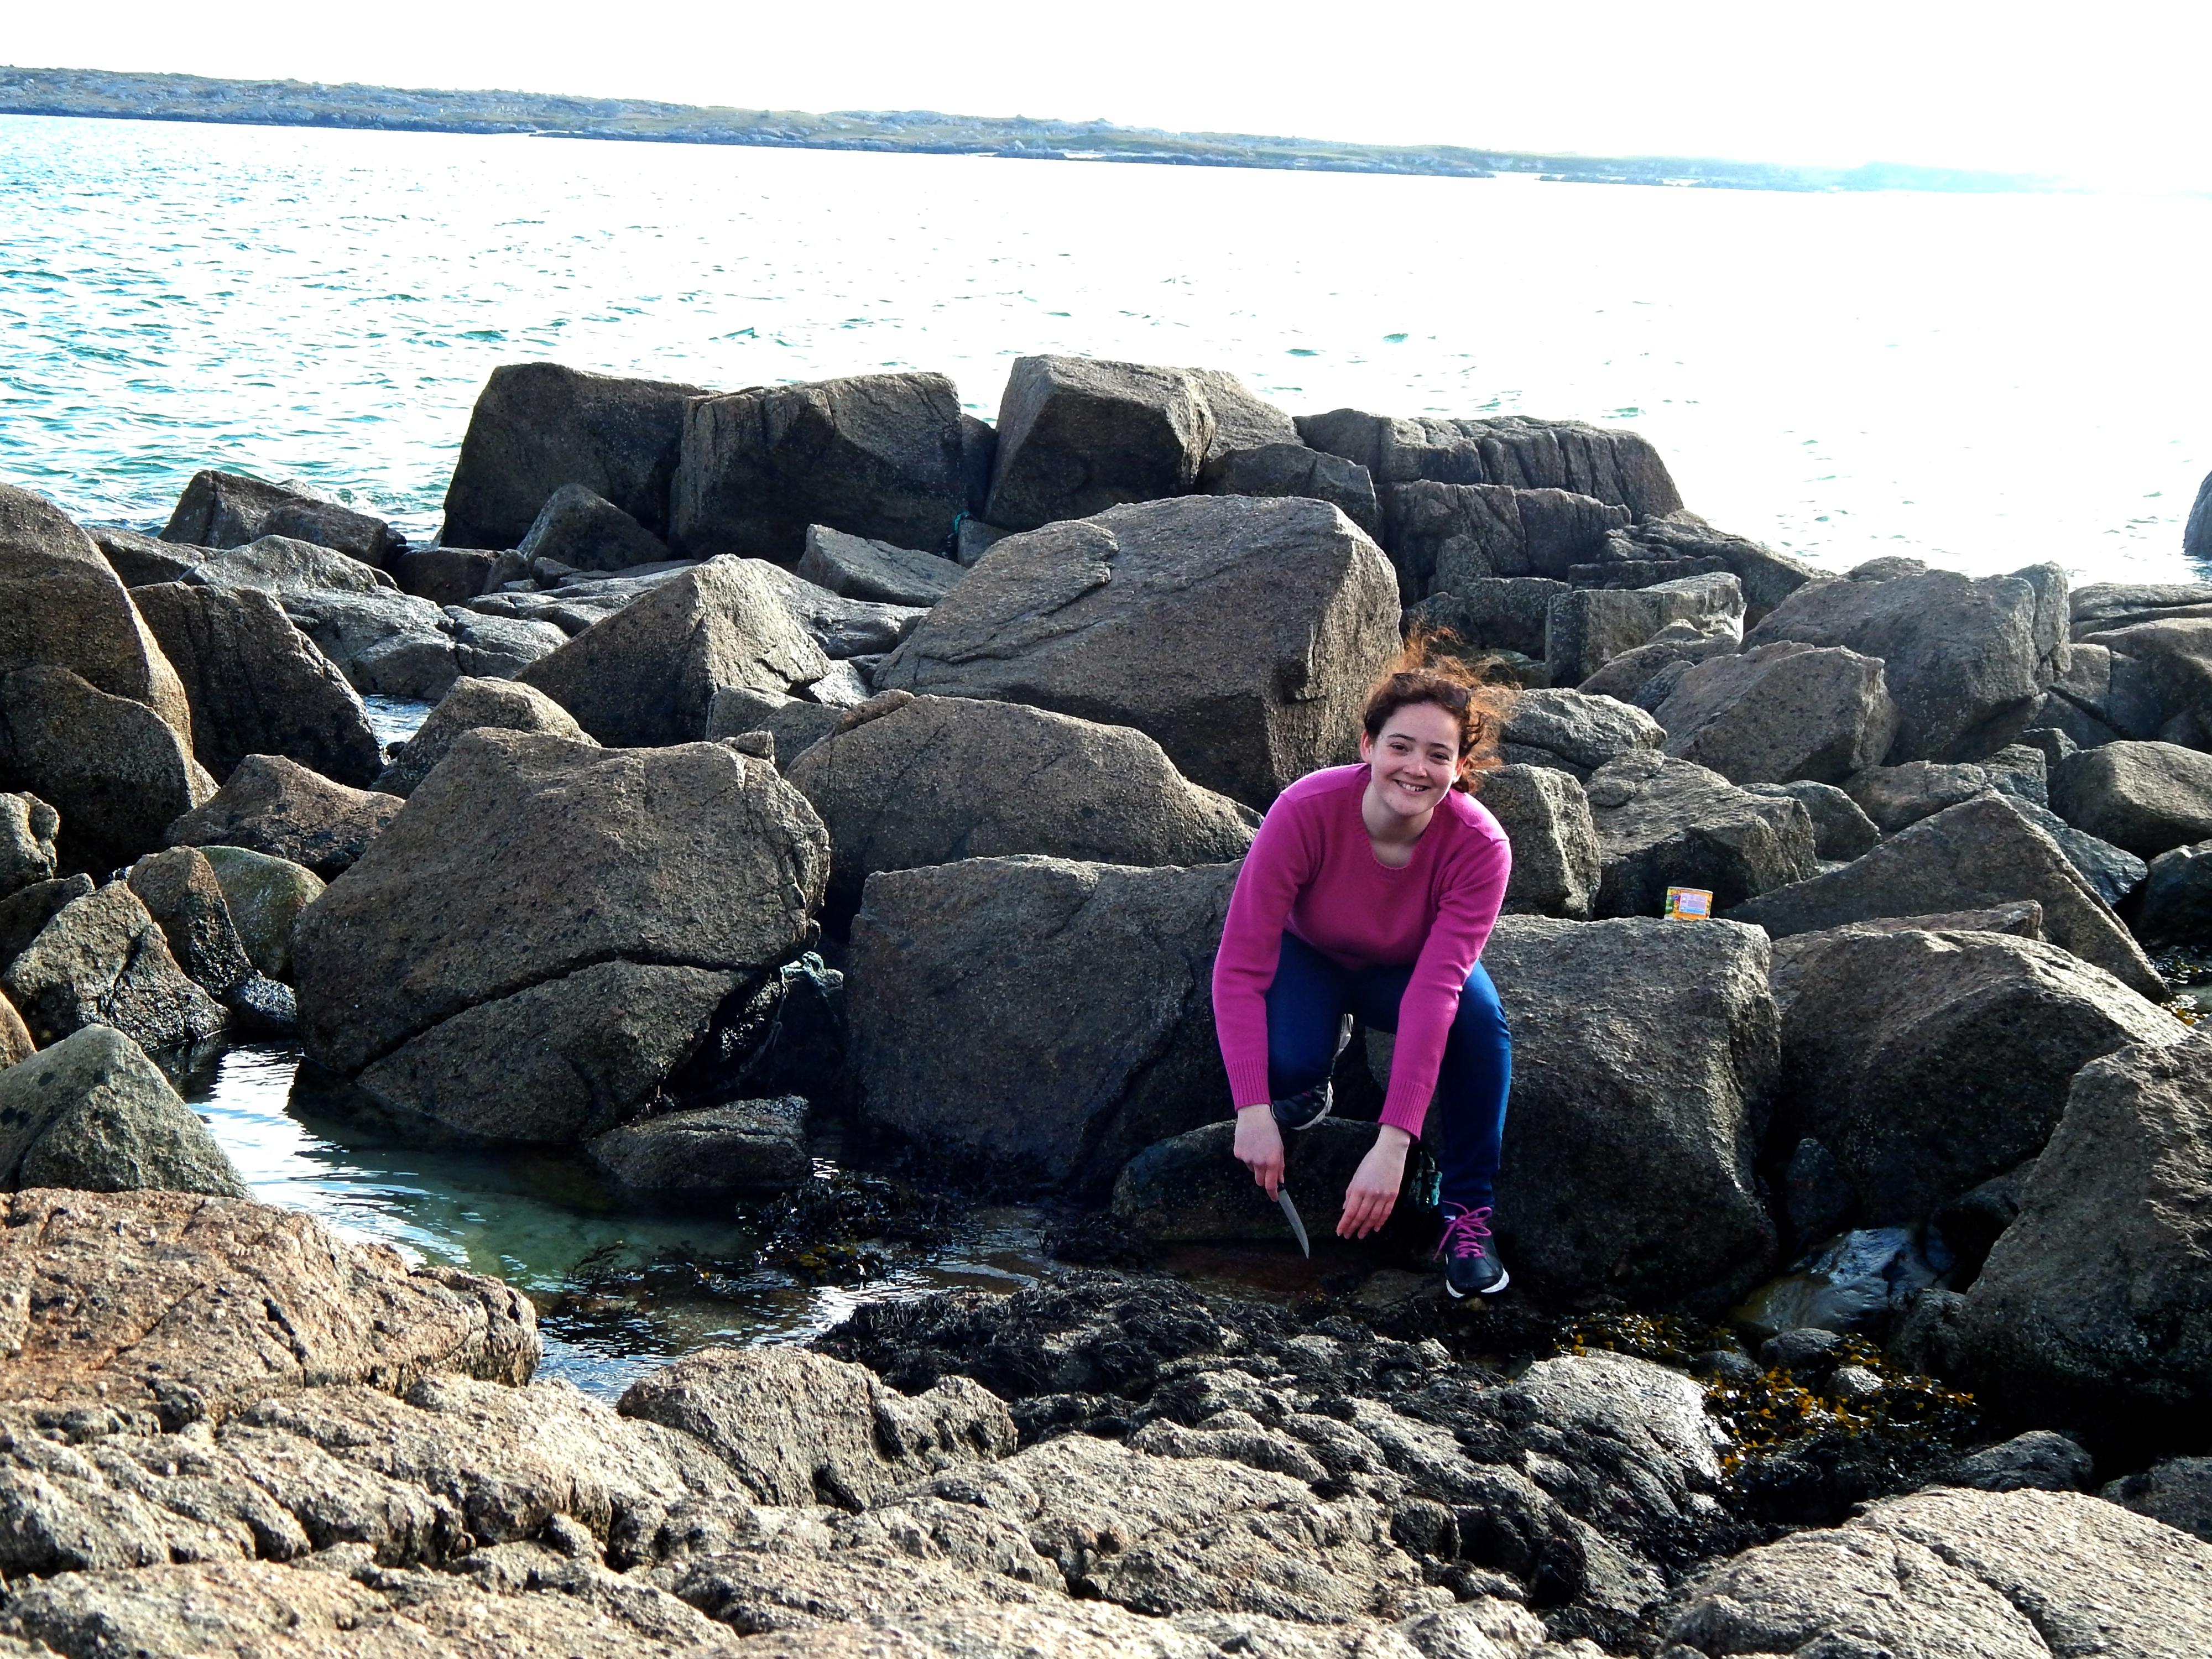 Lisandra on the rocks